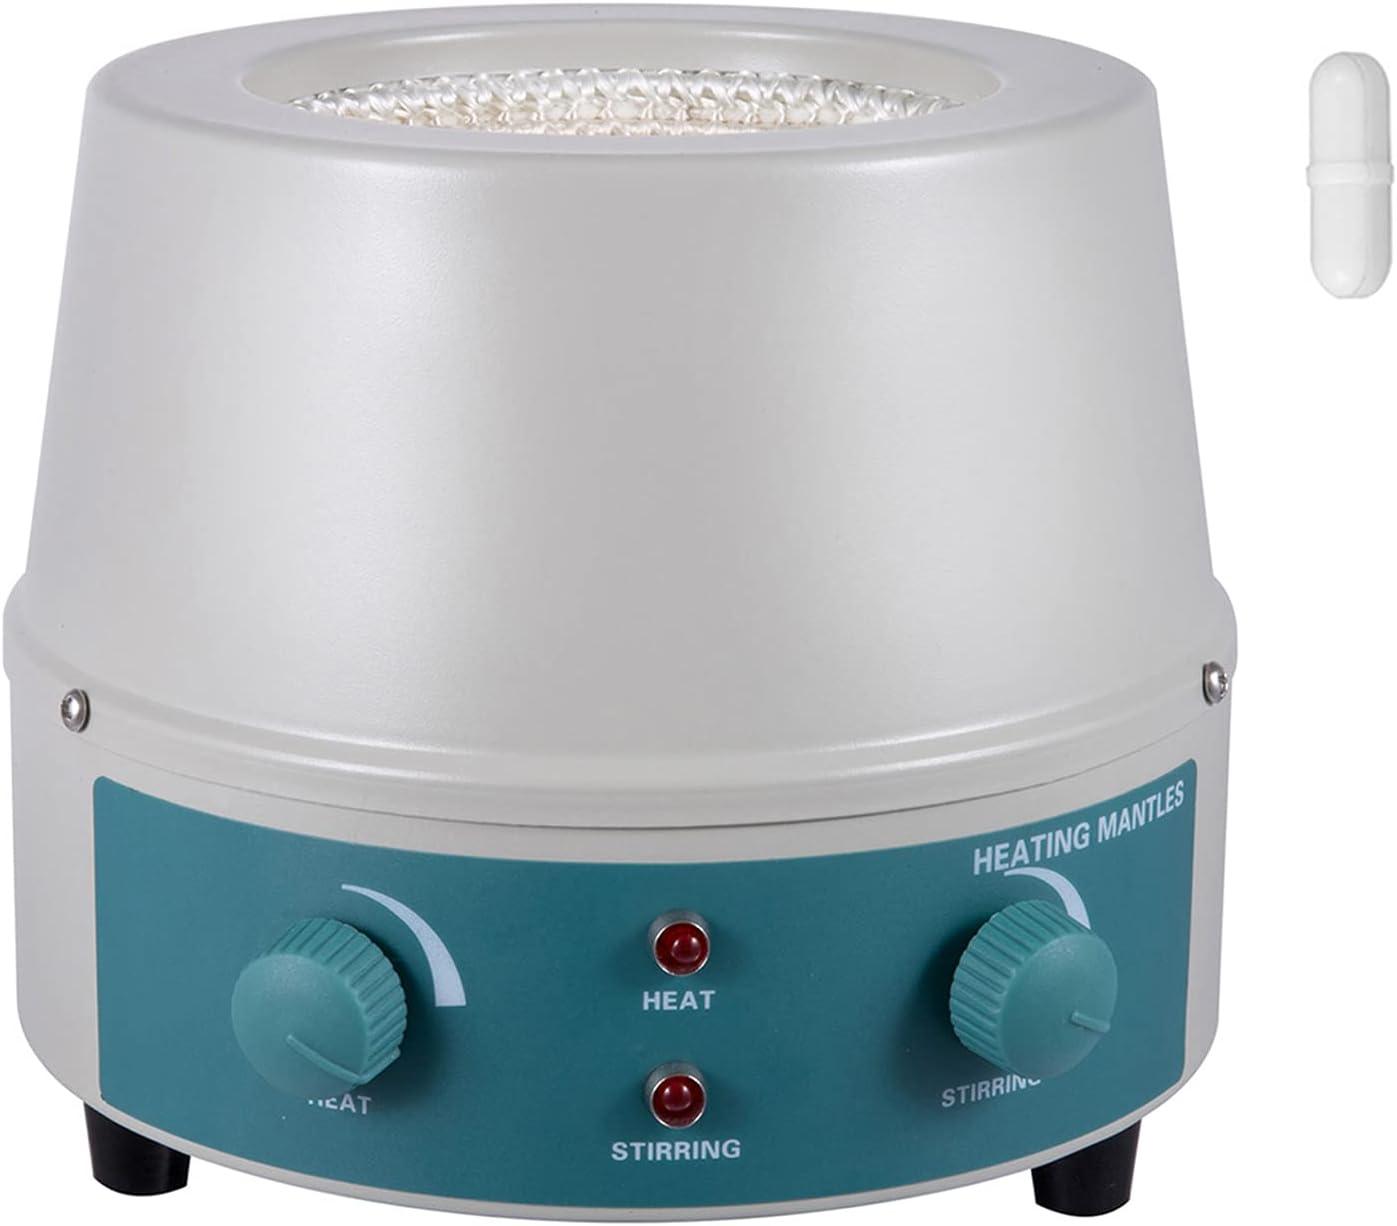 Mophorn Heating Mantle 500ml Stirrer 0-1 Magnetic Reservation Sale